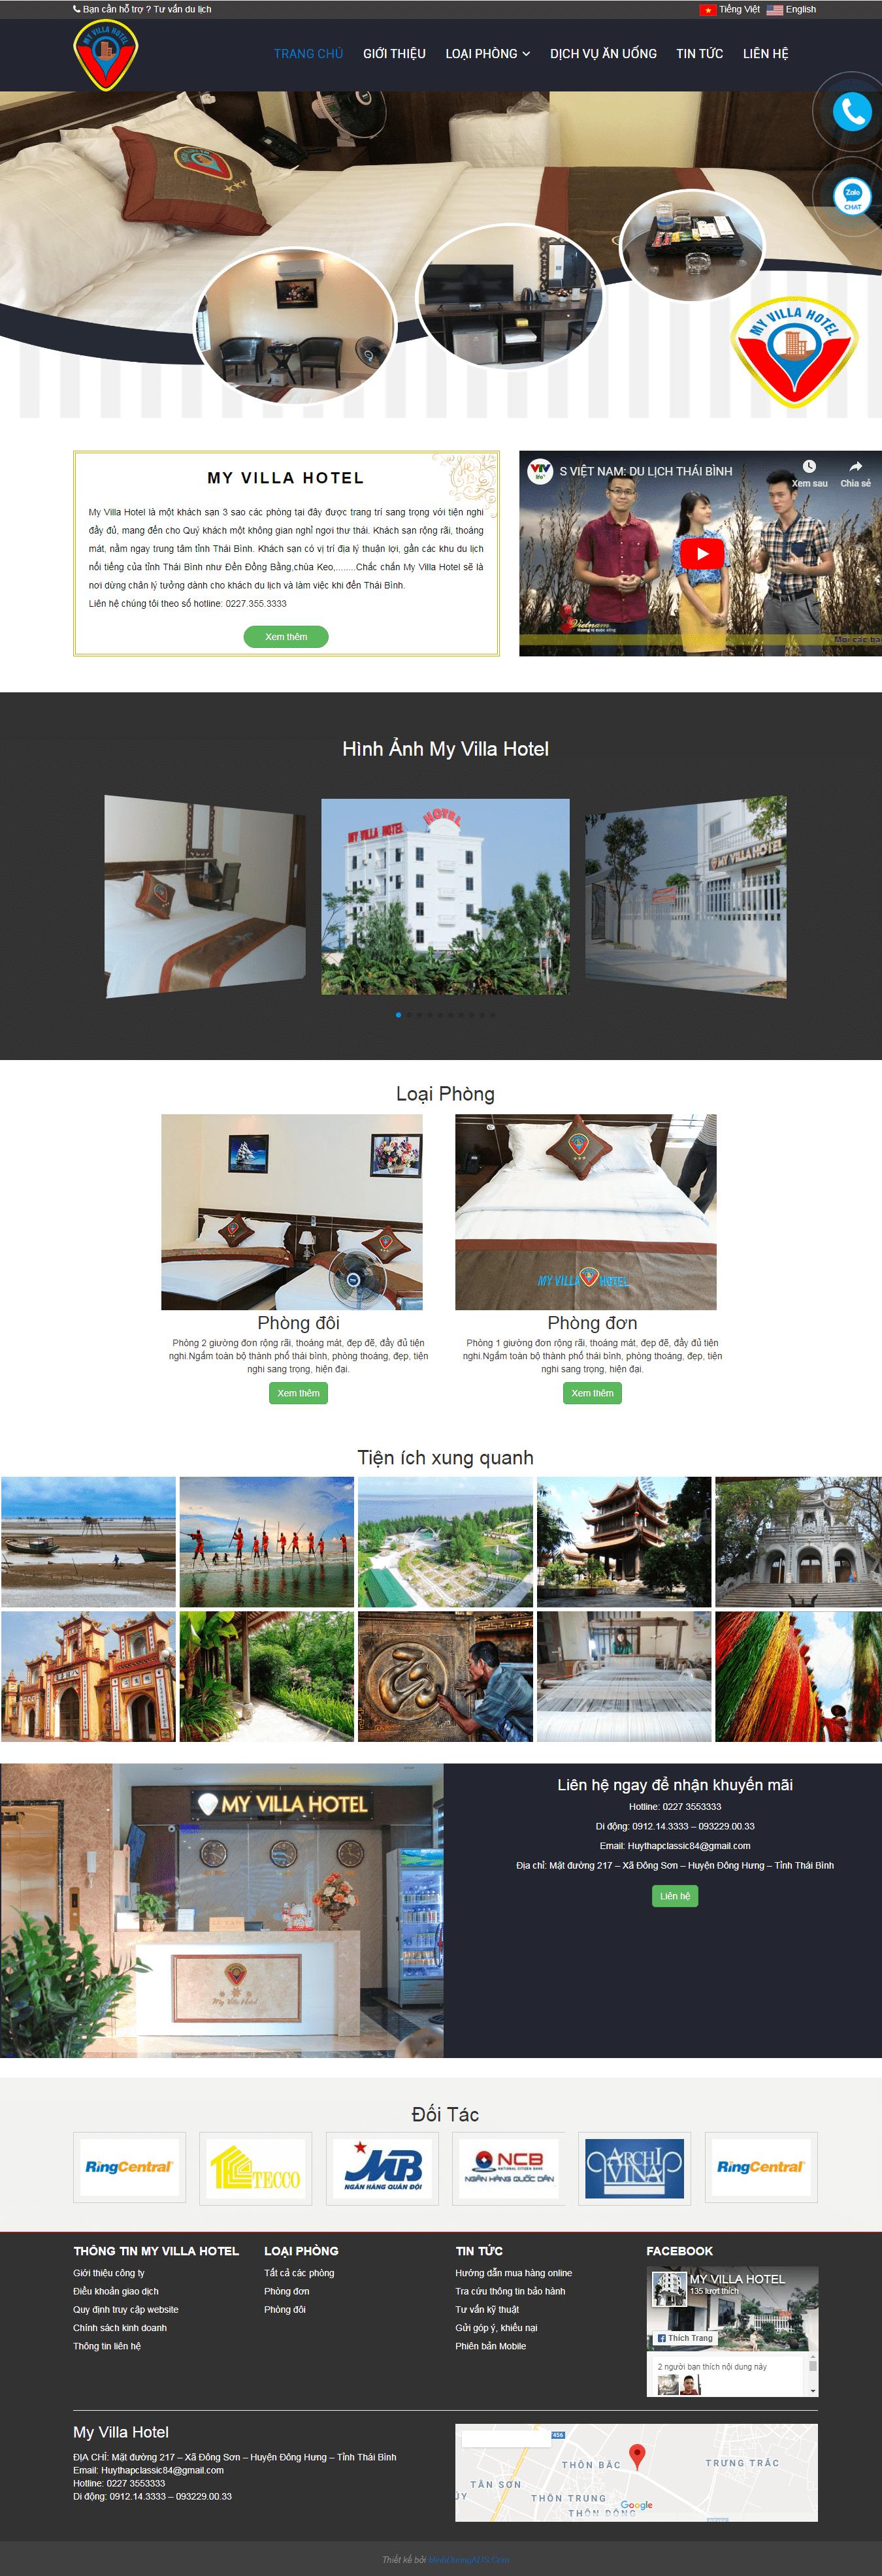 Thiết kế web khách sạn My villa